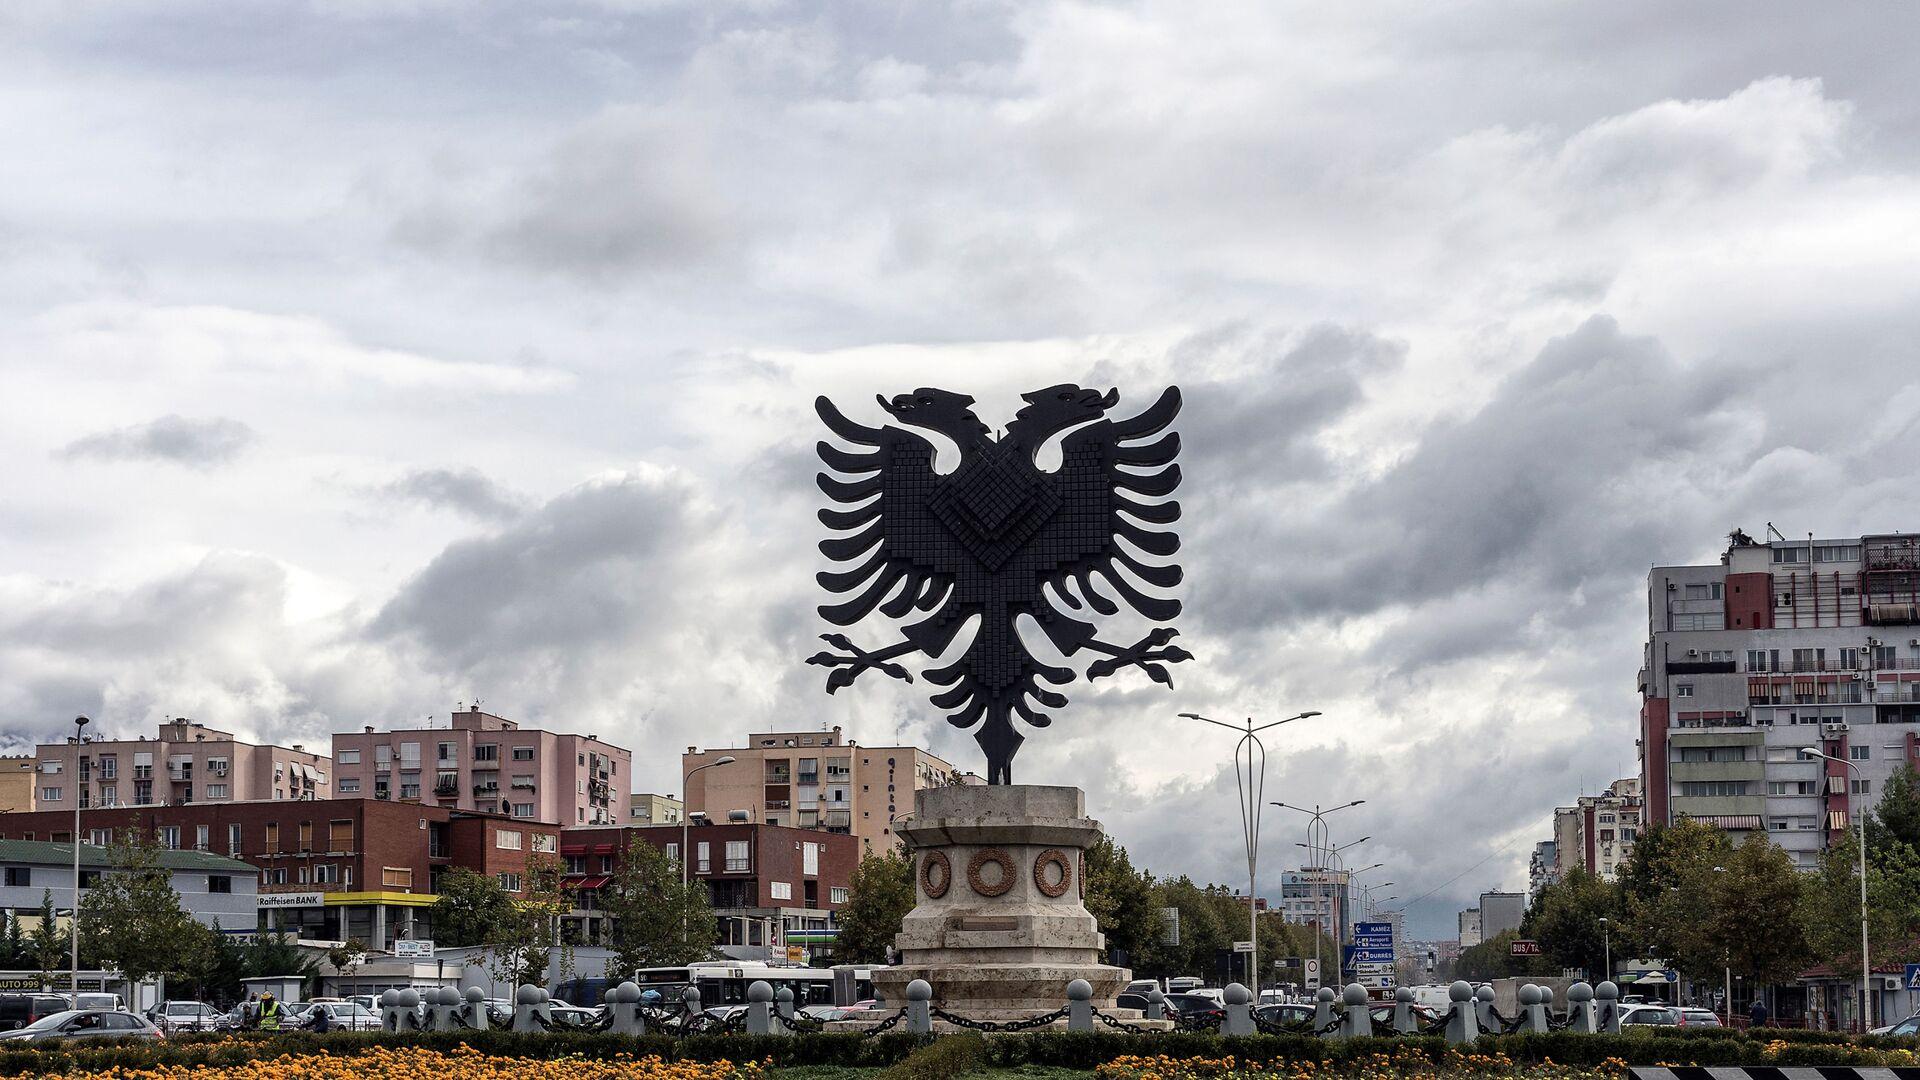 Το αλβανικό εθνόσημο σε κεντρική πλατεία στα Τίρανα - Sputnik Ελλάδα, 1920, 12.10.2021